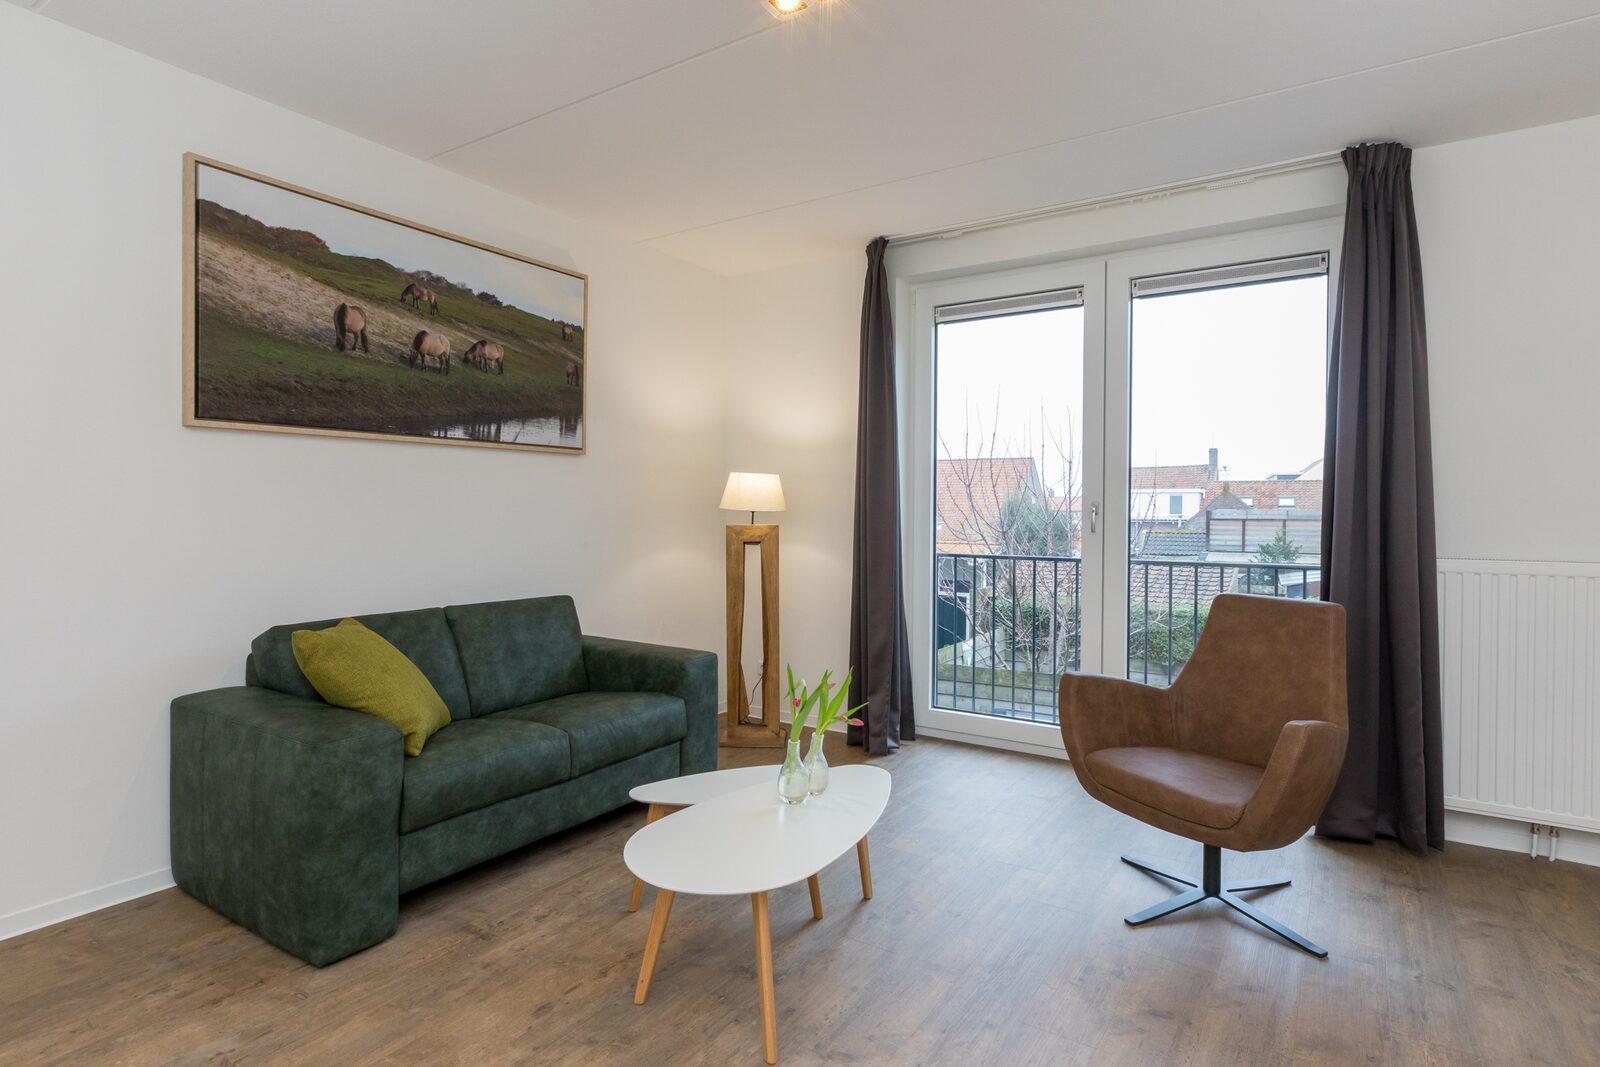 Ferienhaus für 2 Personen ca 35 m² in Zoutelande Zeeland Küste von Zeeland